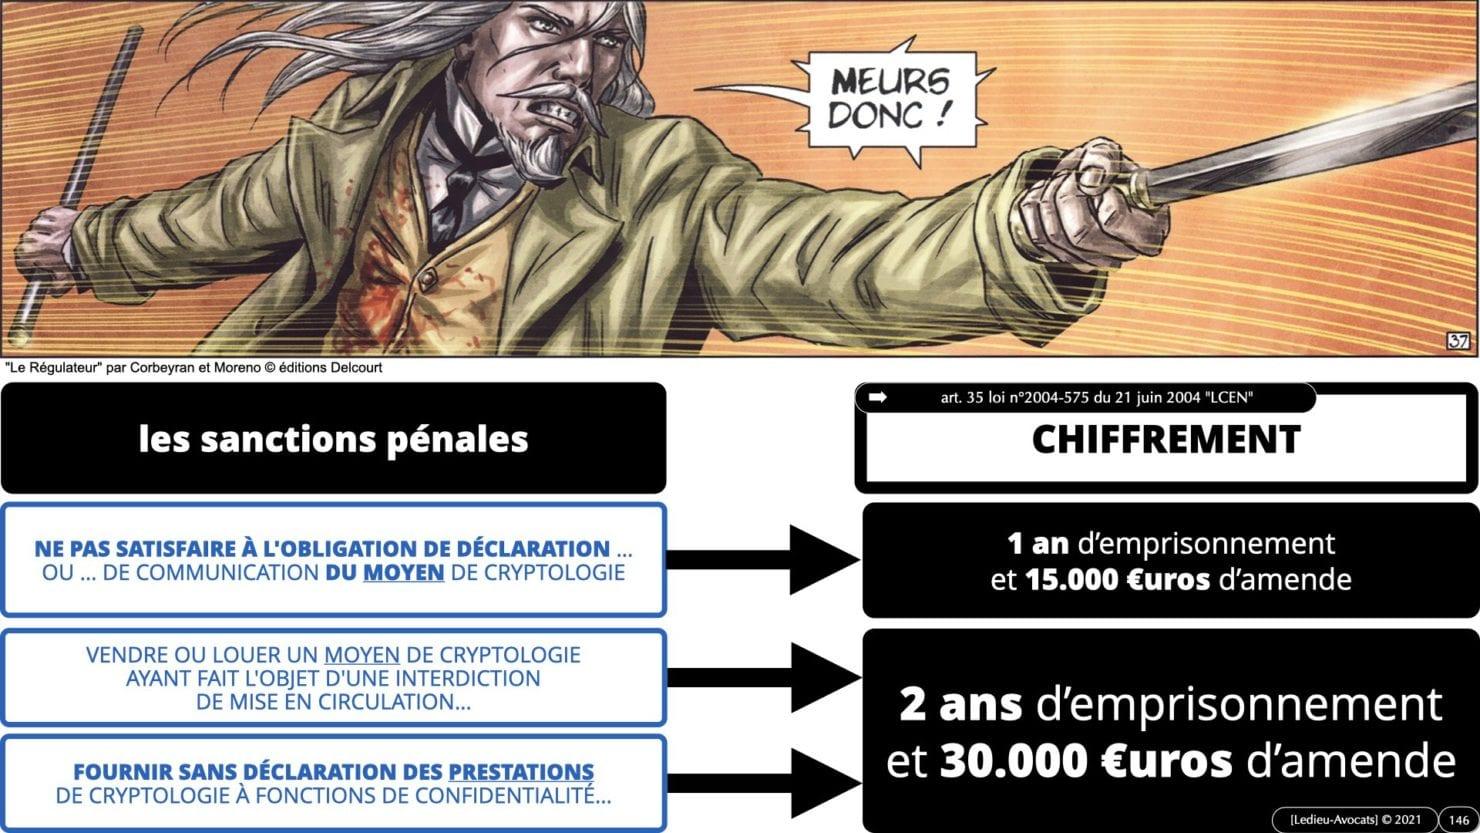 333 CYBER ATTAQUE responsabilité pénale civile contrat © Ledieu-Avocats 23-05-2021.146